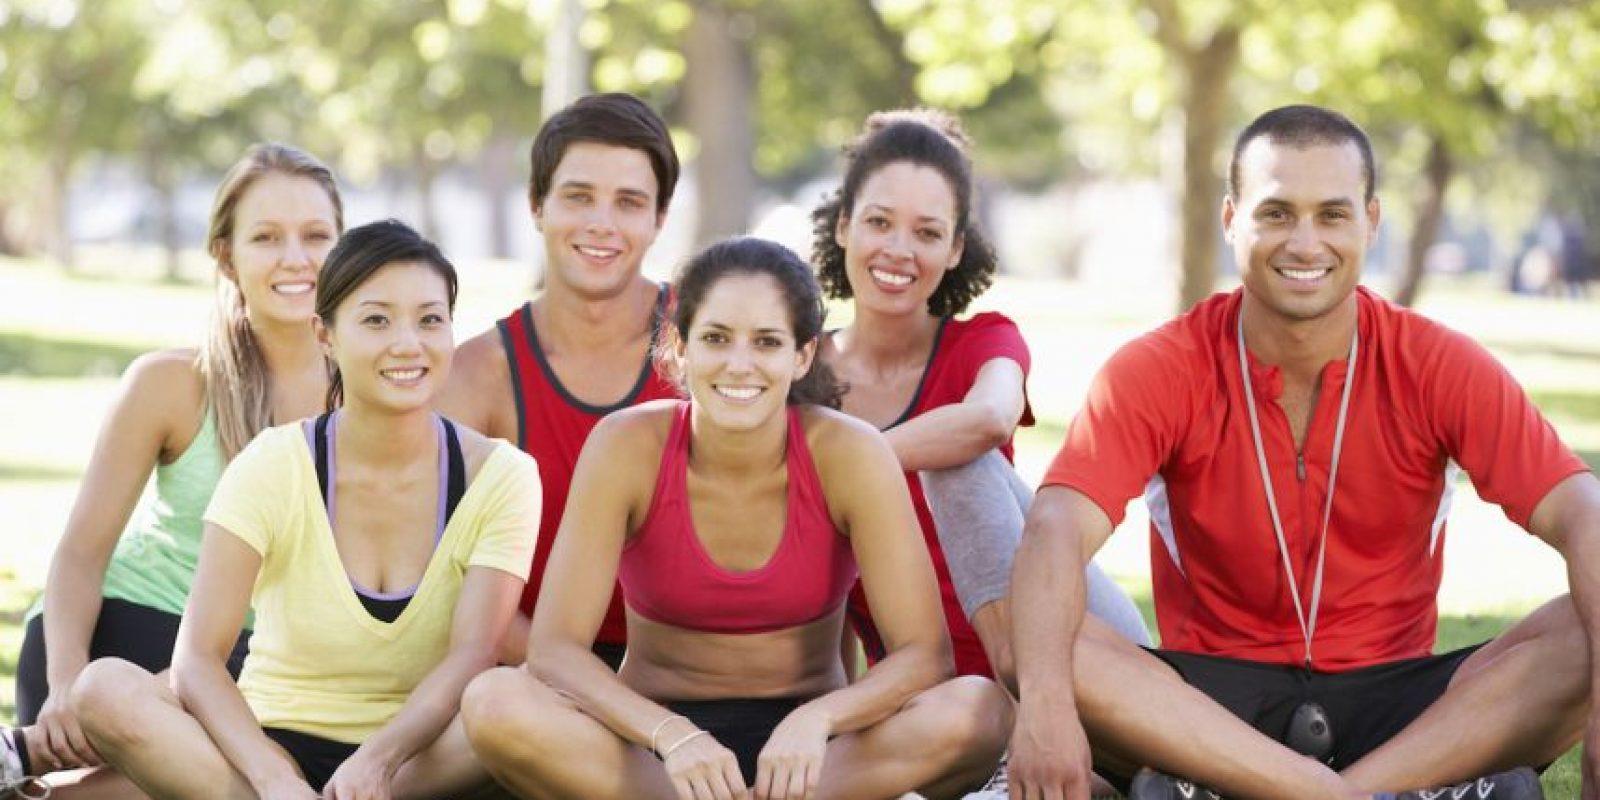 Si tienes una dieta balanceada y haces ejercicio evitarás muchas enfermedades. Foto:Dreamstime